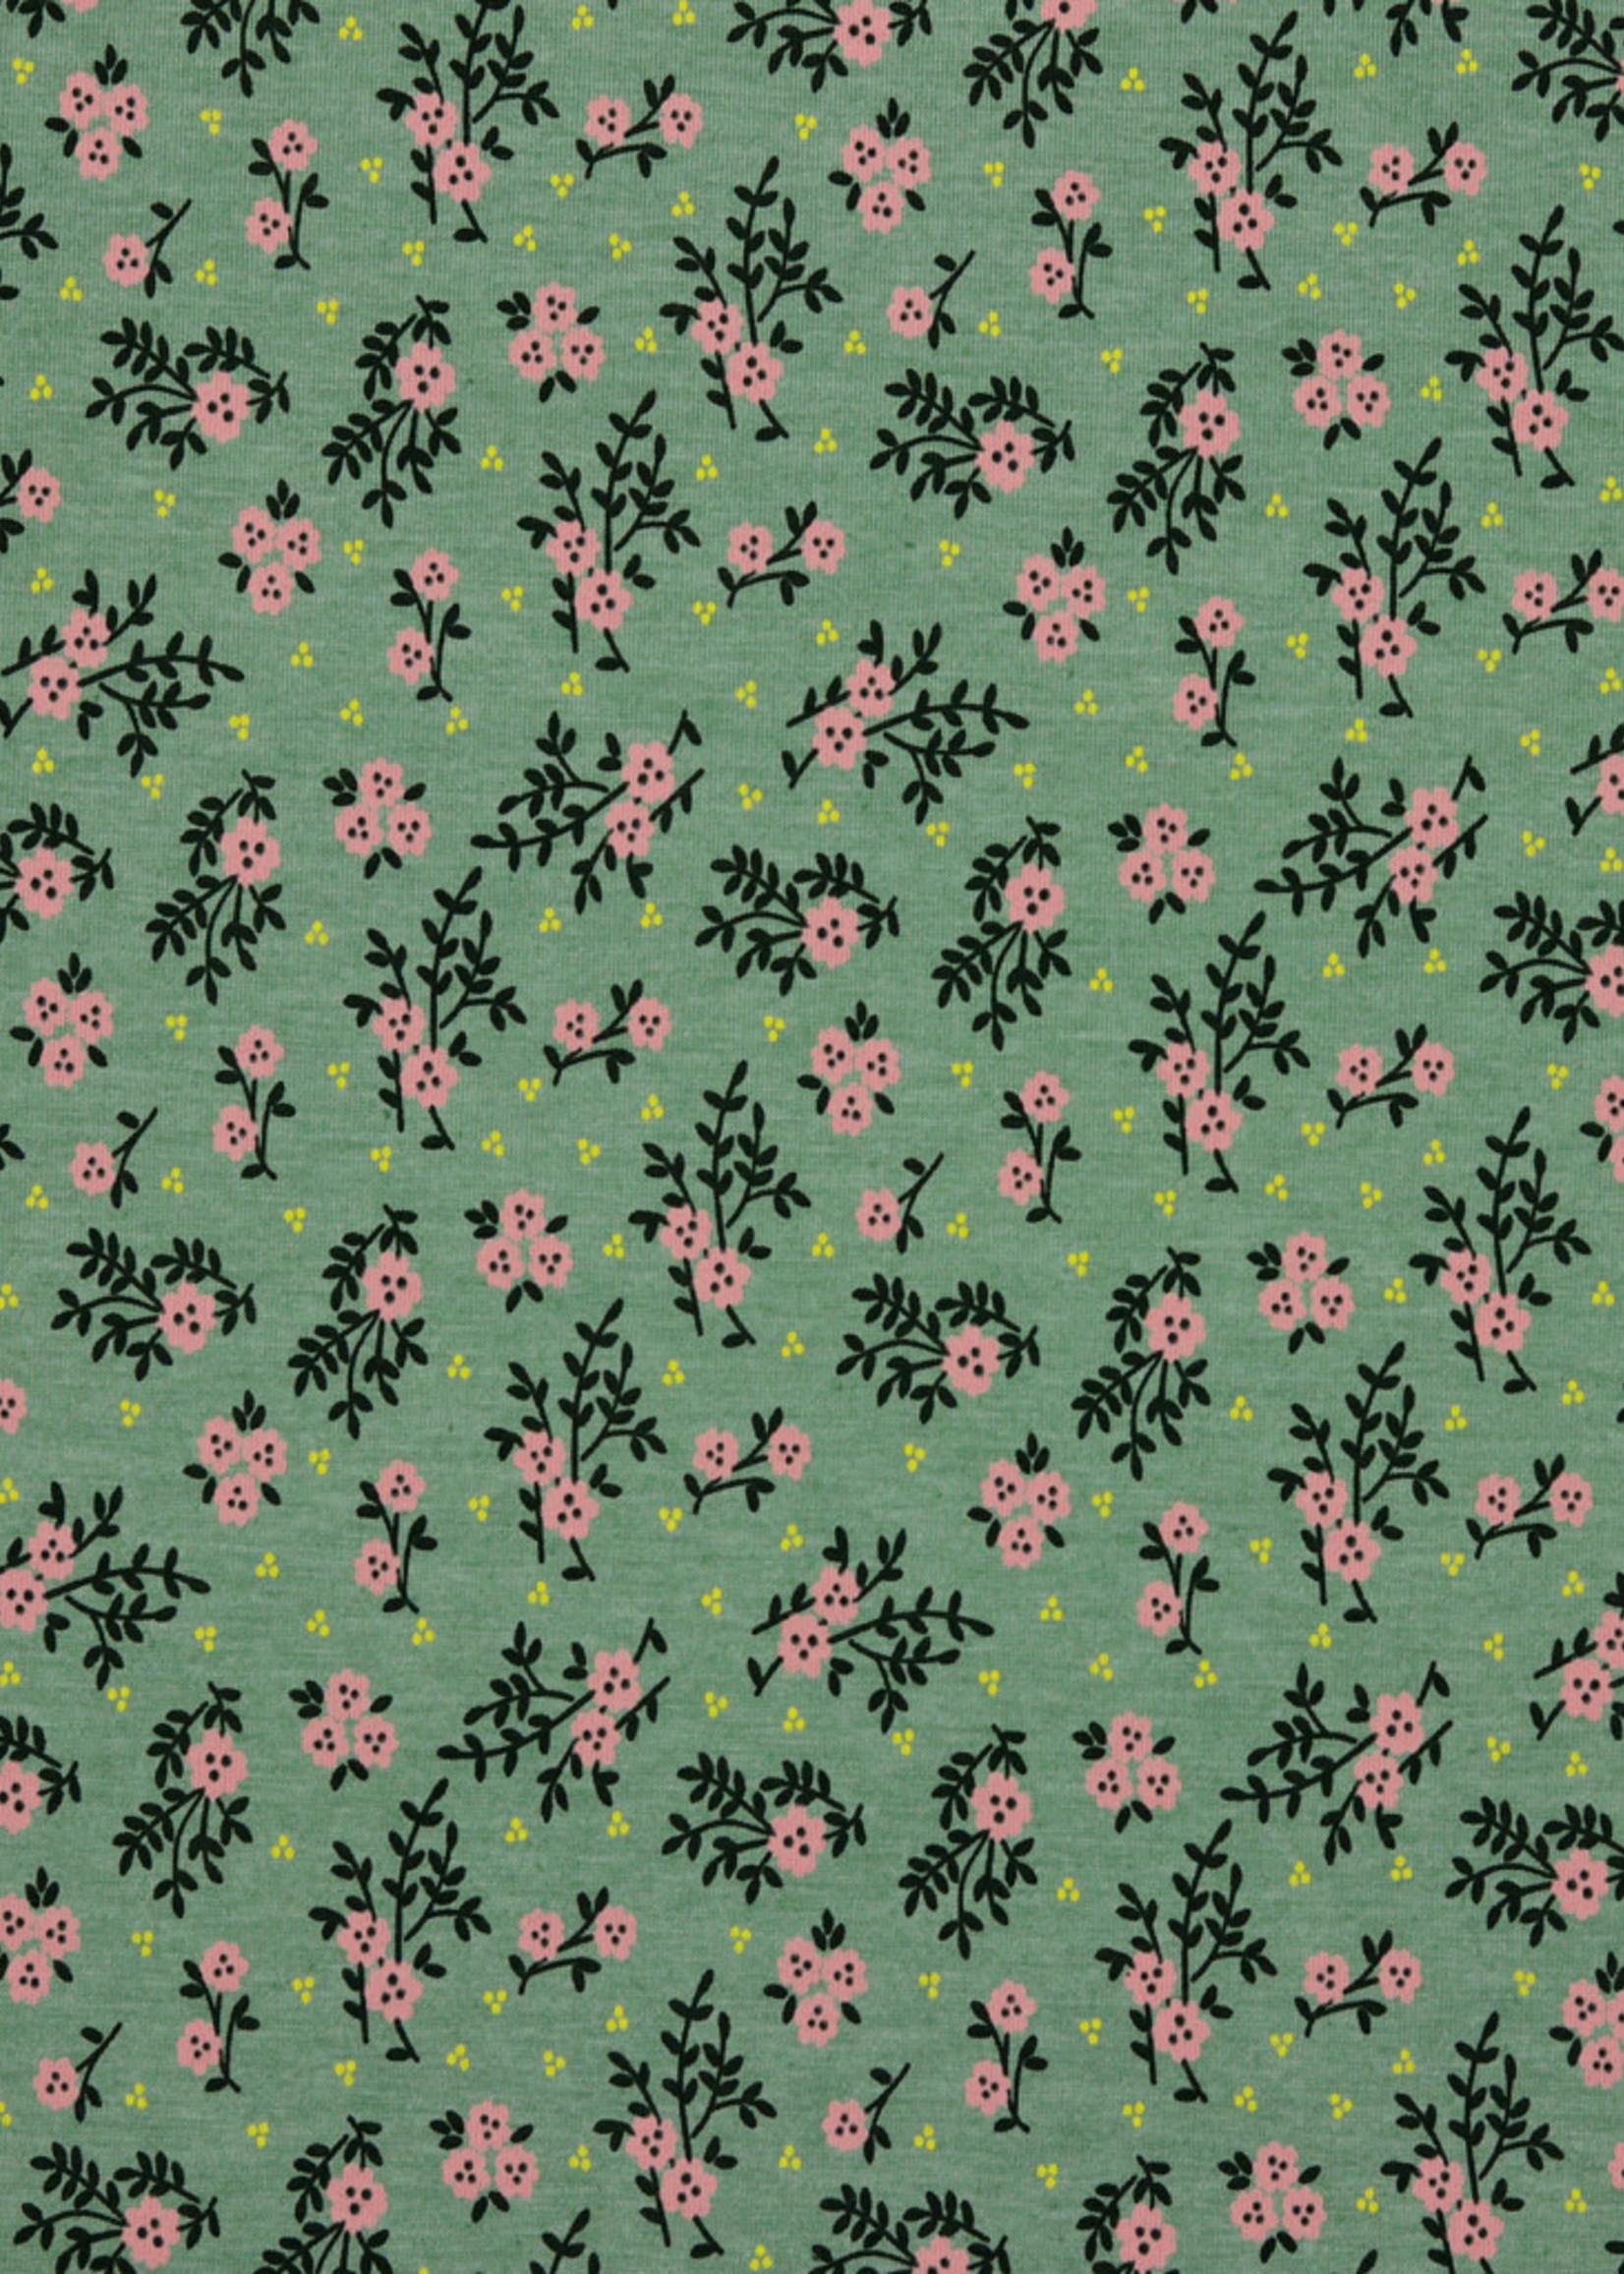 Poppy JERSEY FLOWER